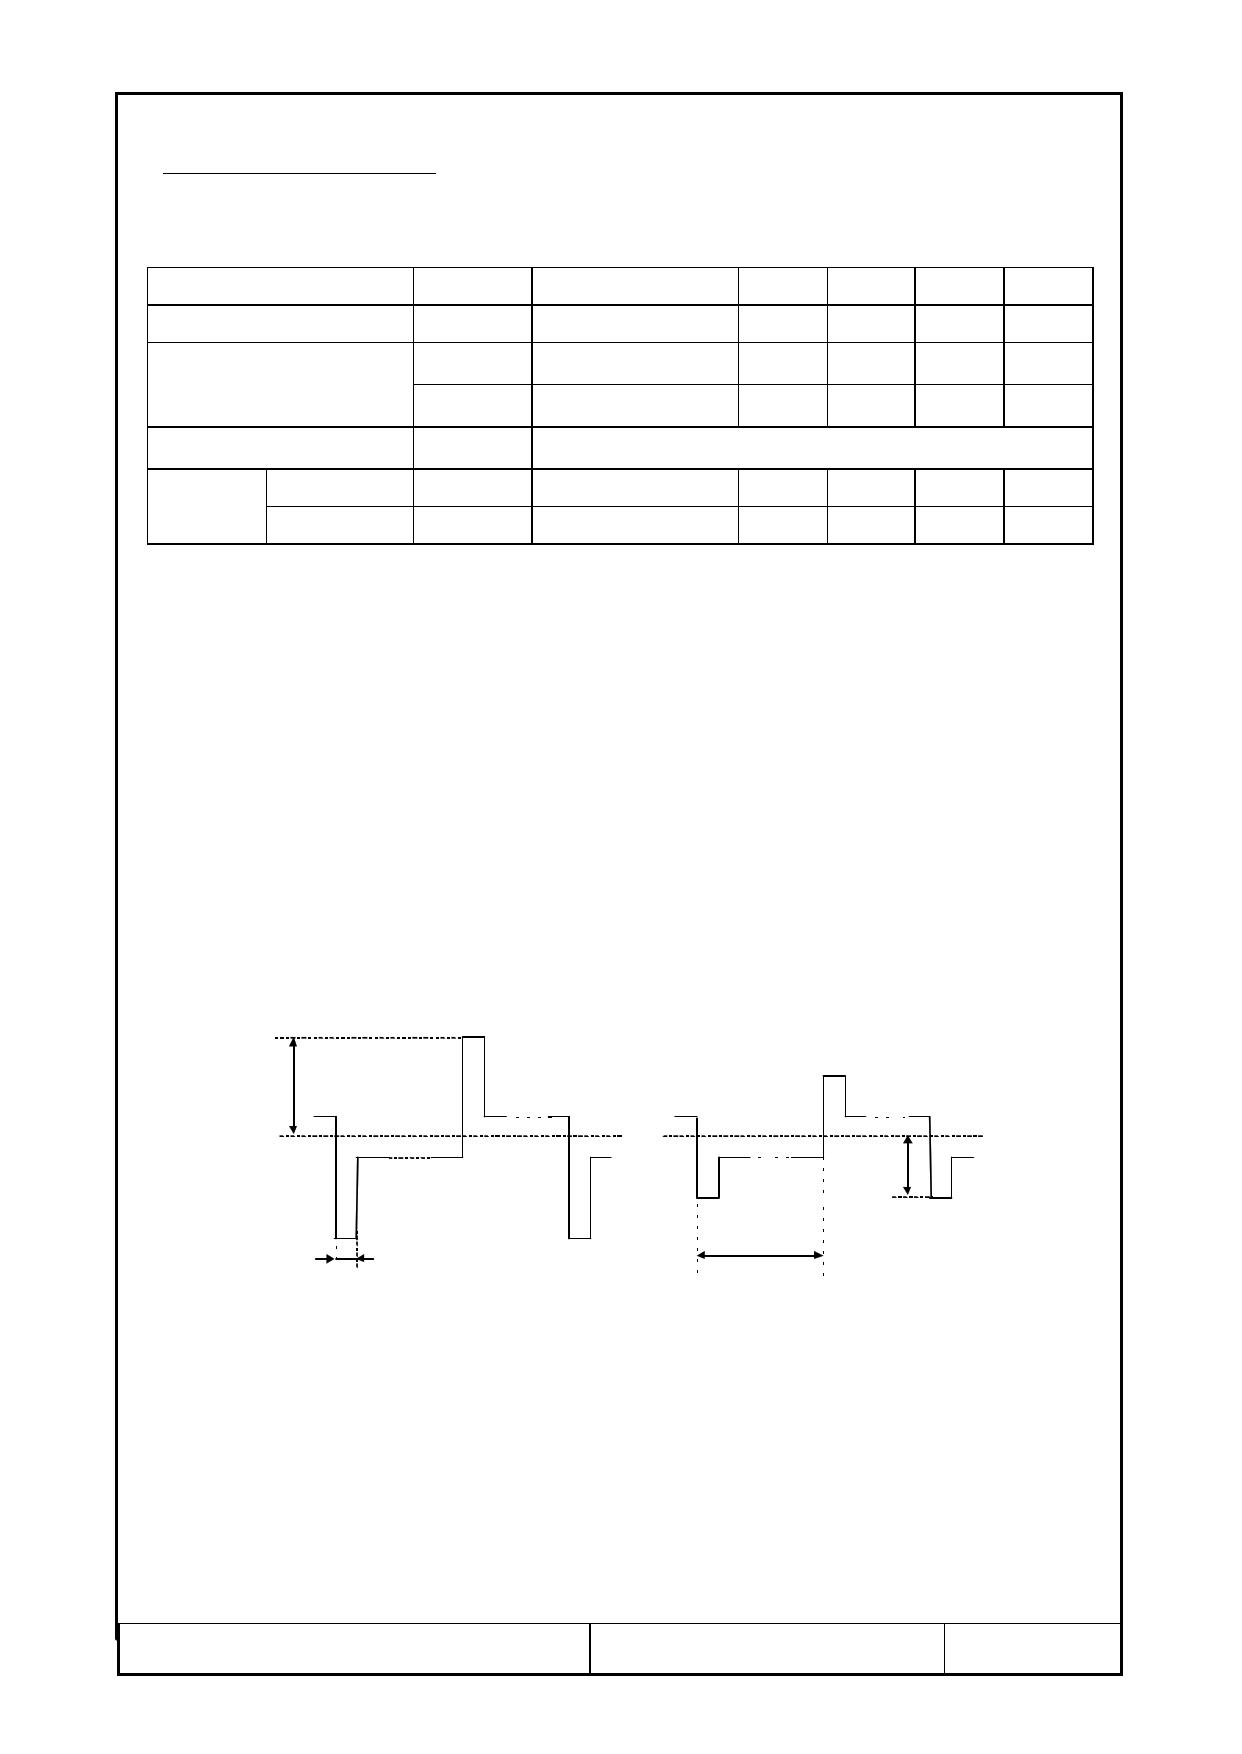 F-51900NCU-FW-ACN arduino